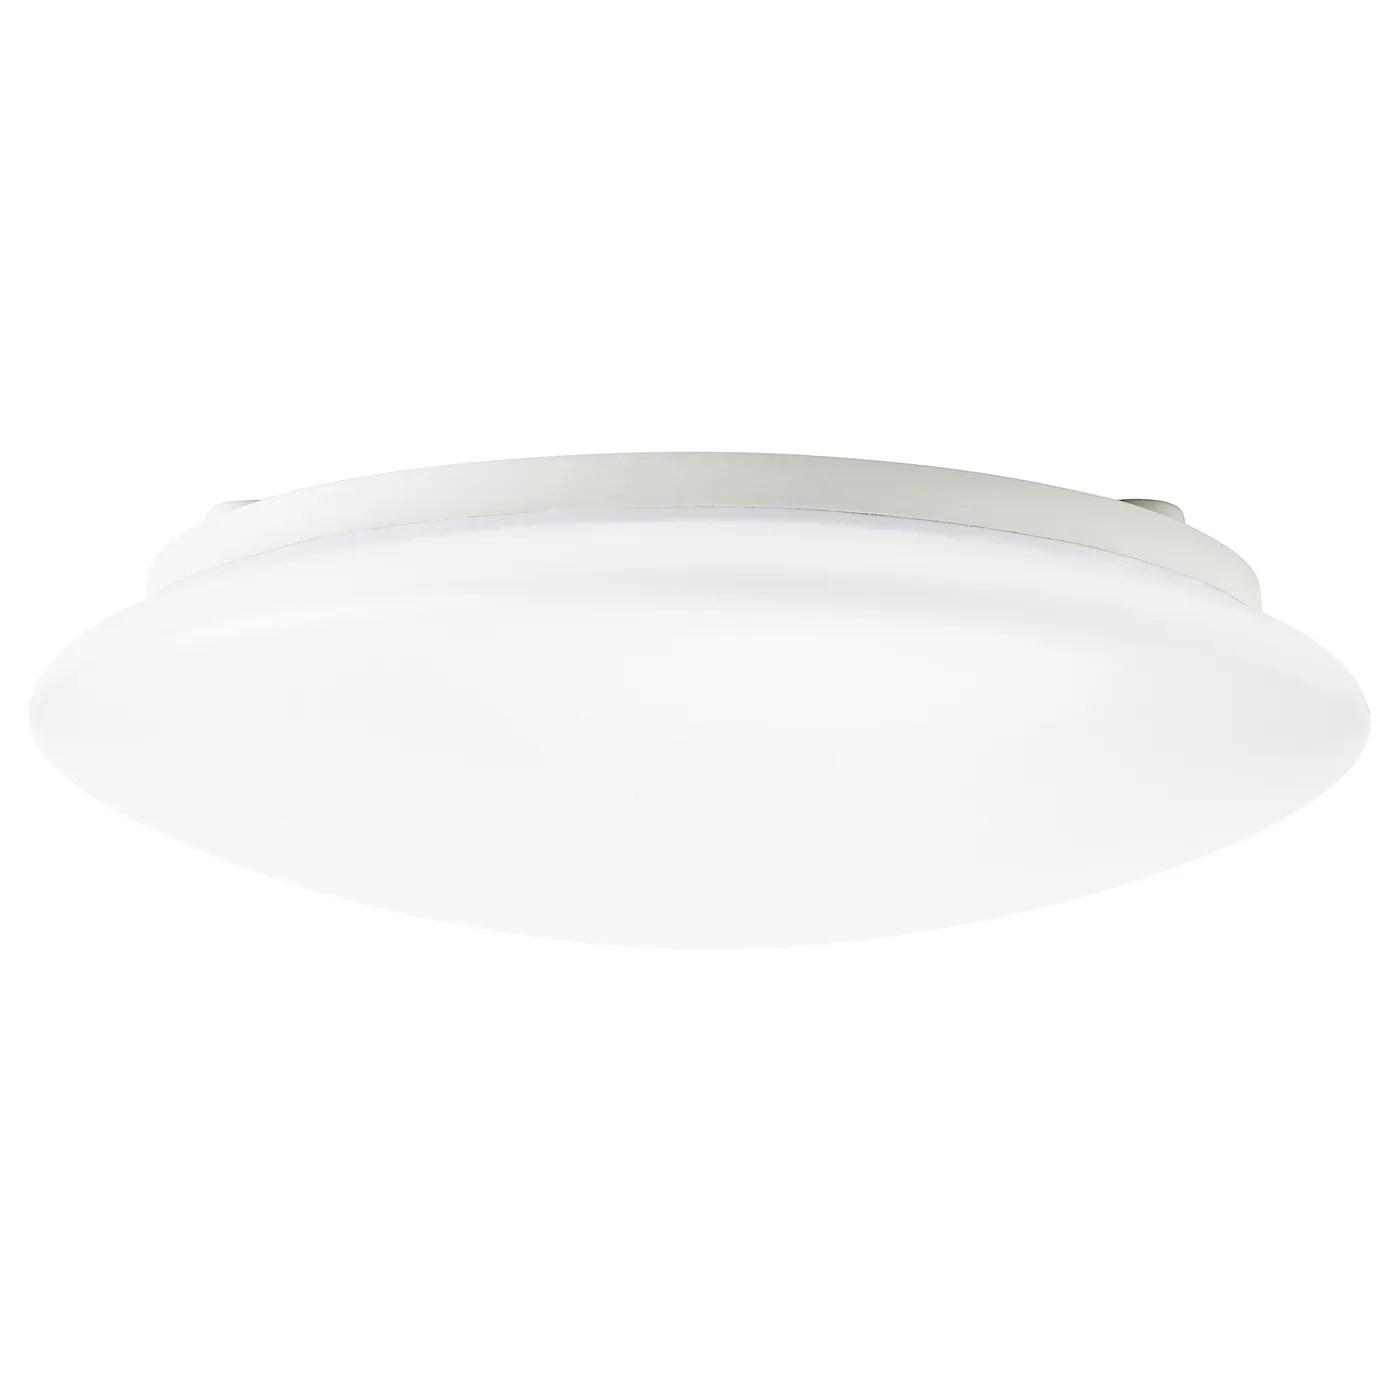 Sjogang Plafonnier Applique Blanc 25 Cm Ikea